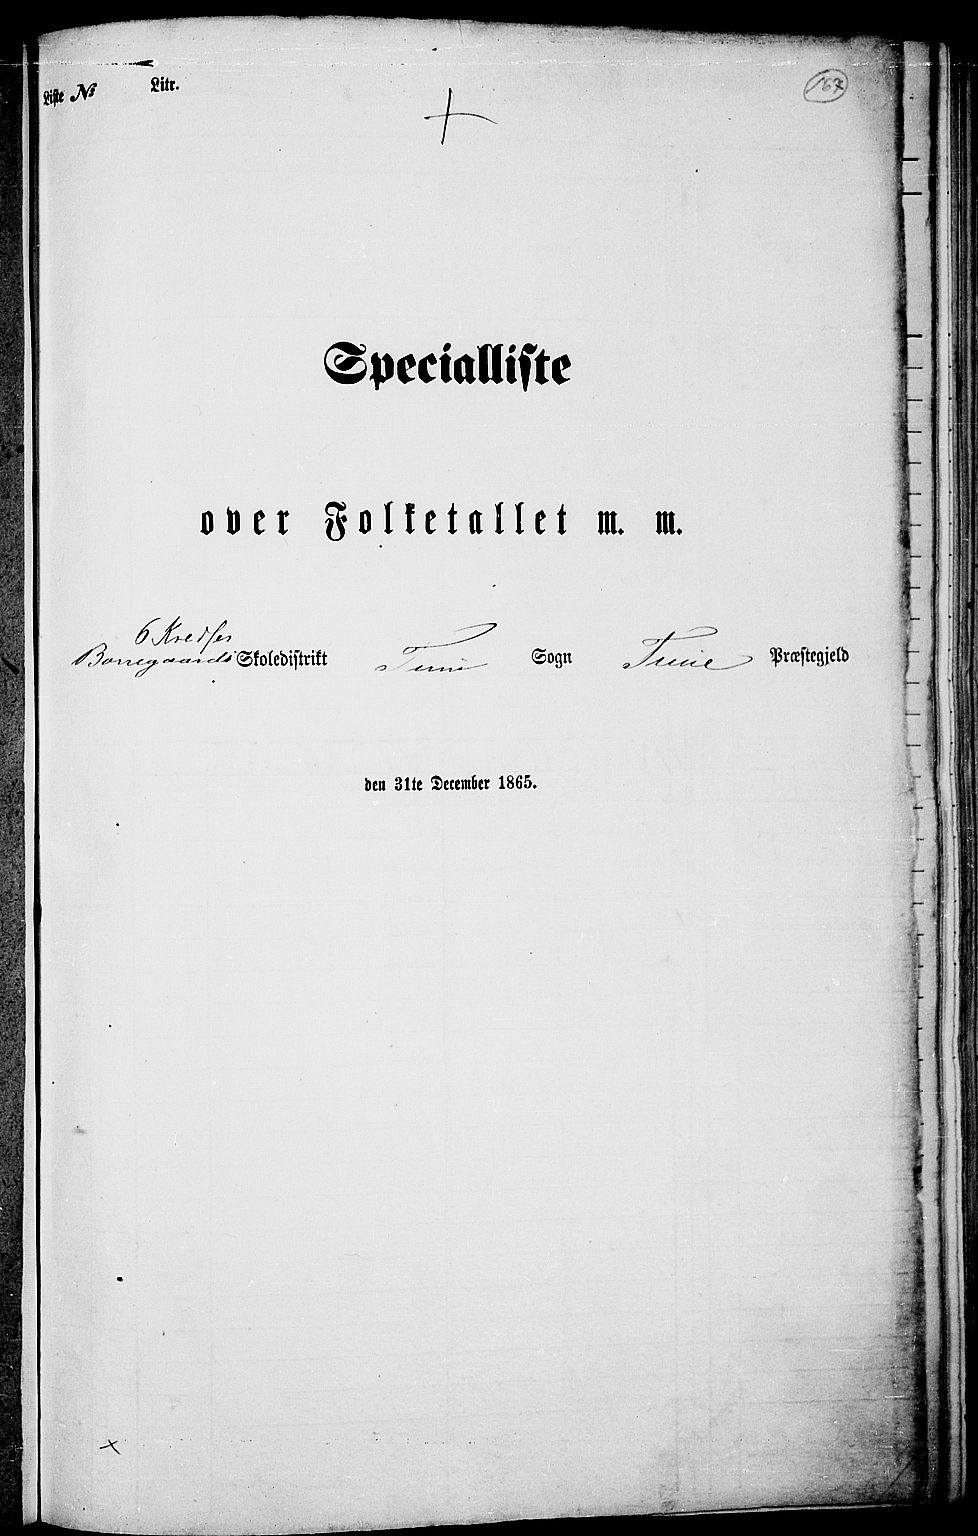 RA, Folketelling 1865 for 0130P Tune prestegjeld, 1865, s. 151